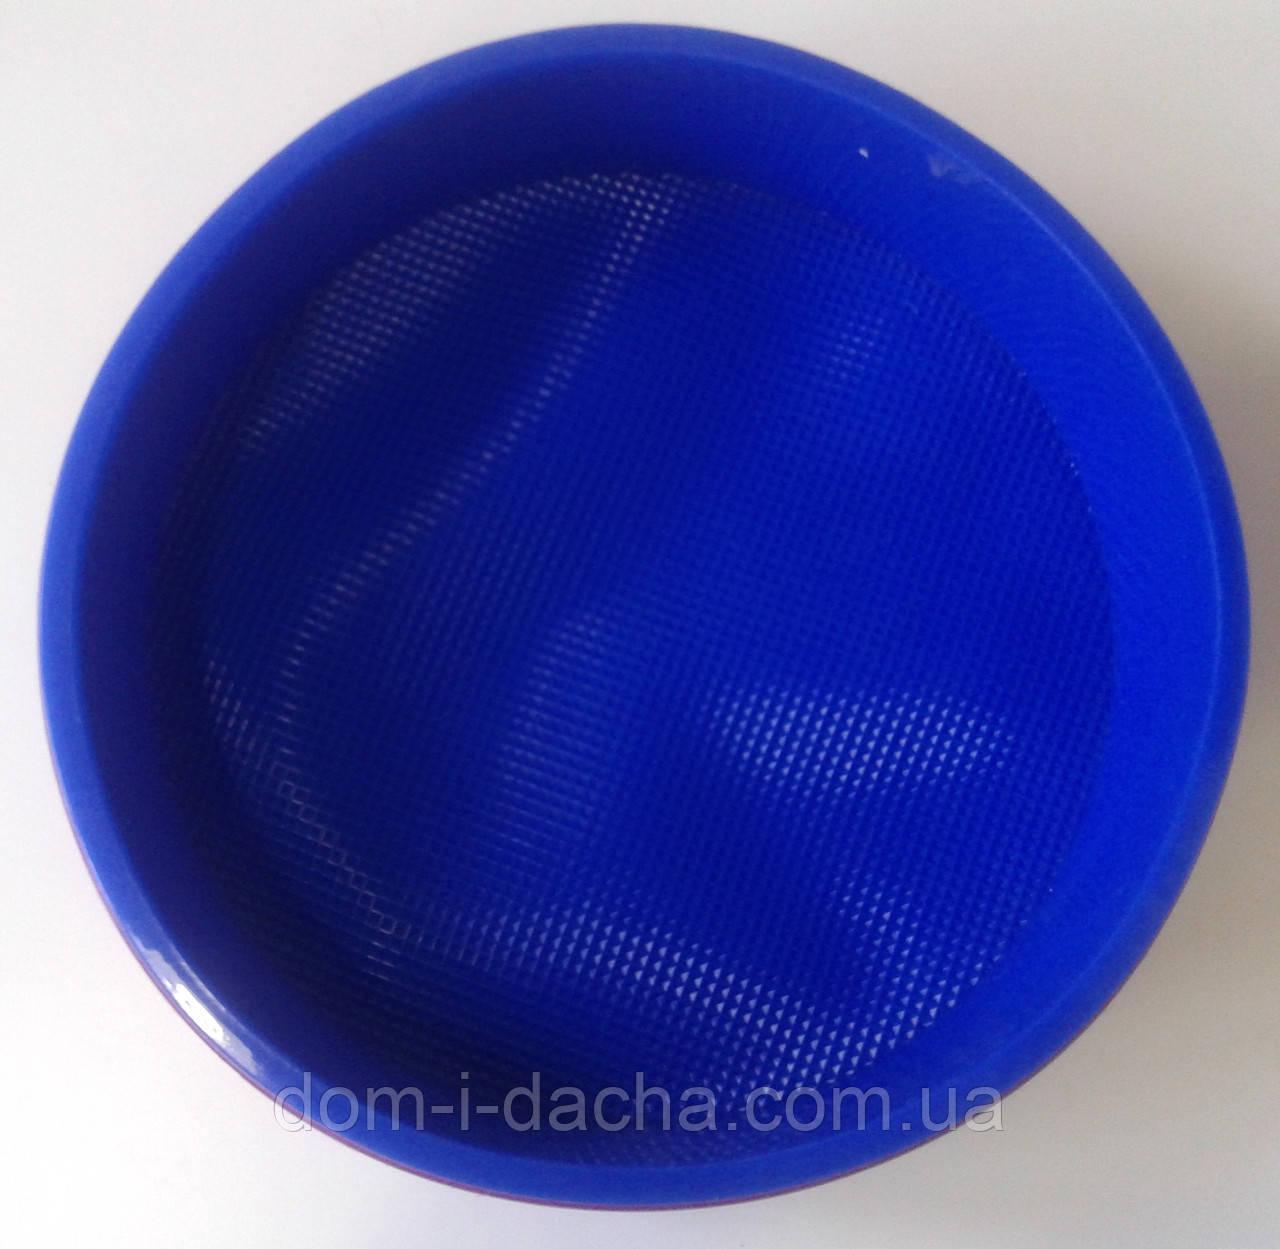 Силиконовая форма для пирога круглая с рифленым дном